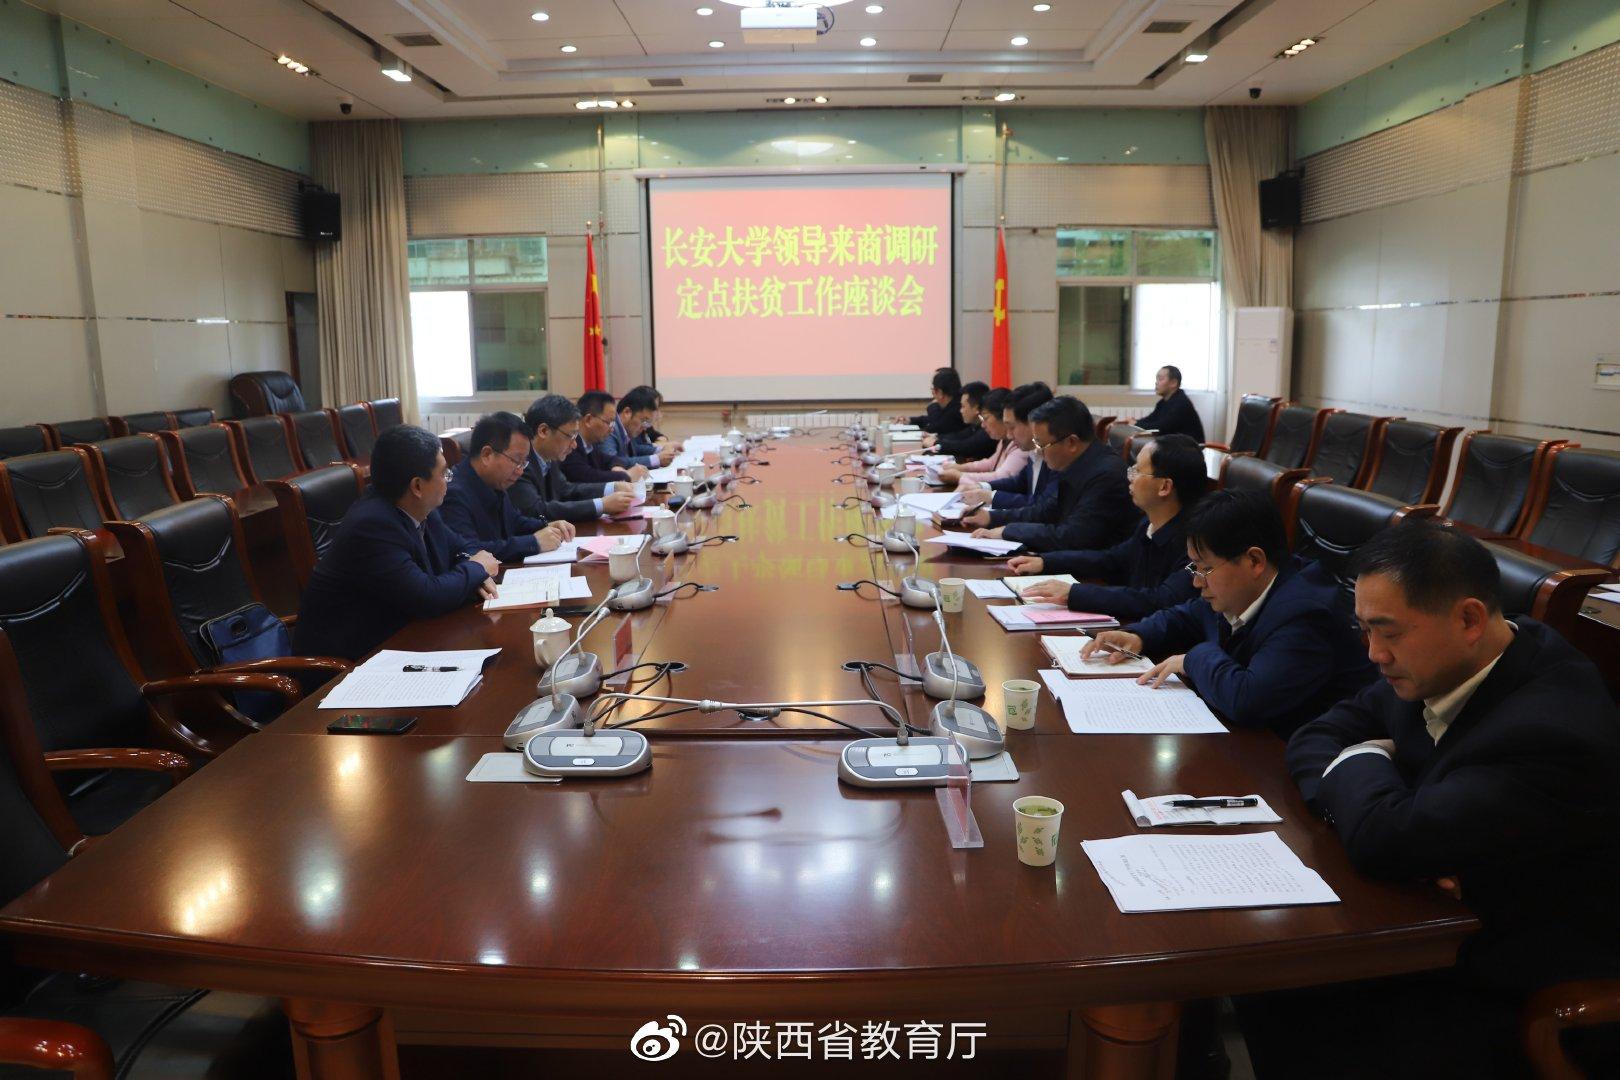 长安大学校领导带队赴商南县督导调研定点扶贫工作